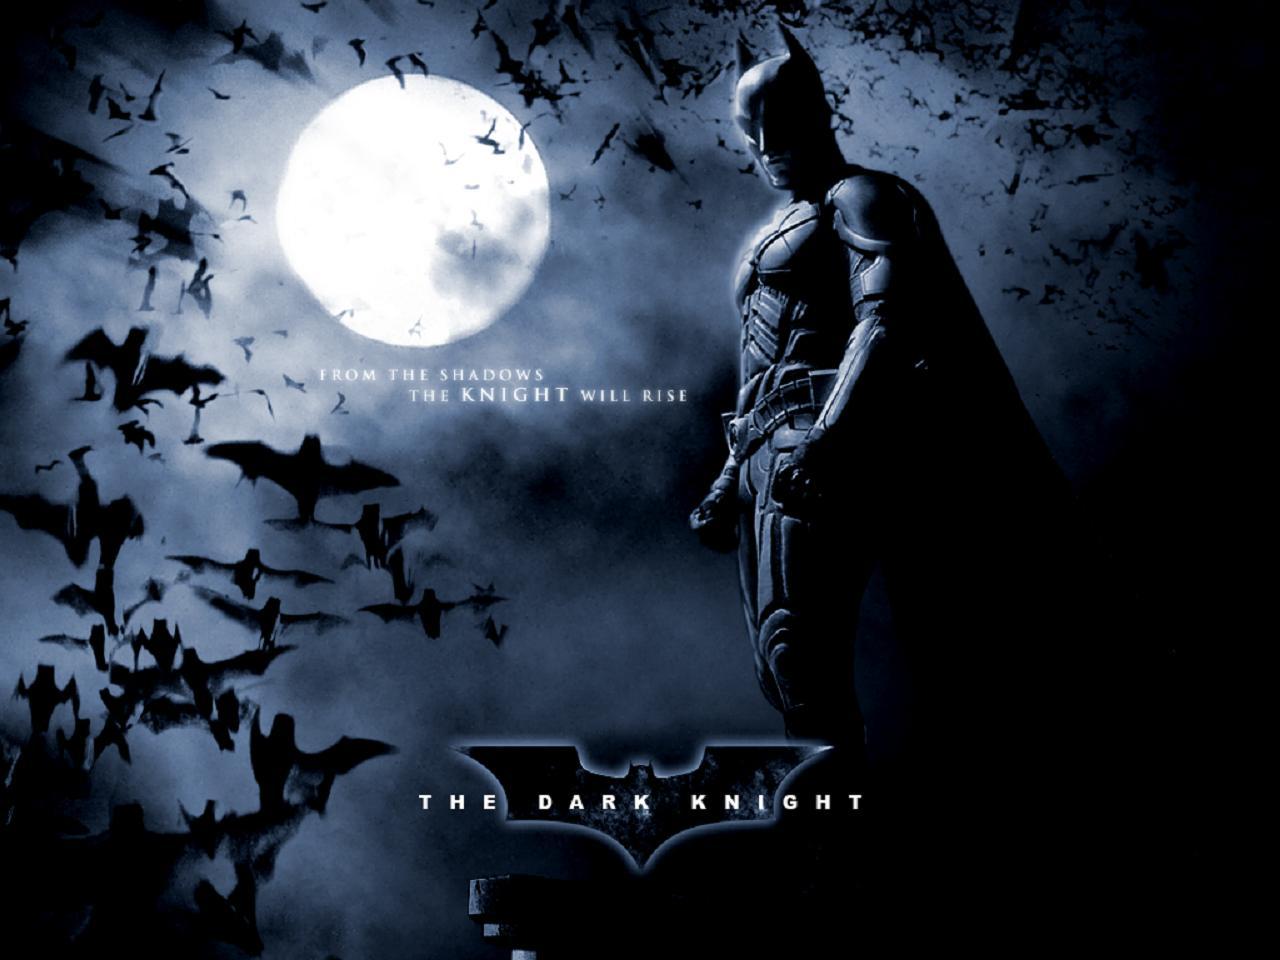 Batman Wallpapers Comics Movies Backgrounds Batman Wallpaper 51 1280x960